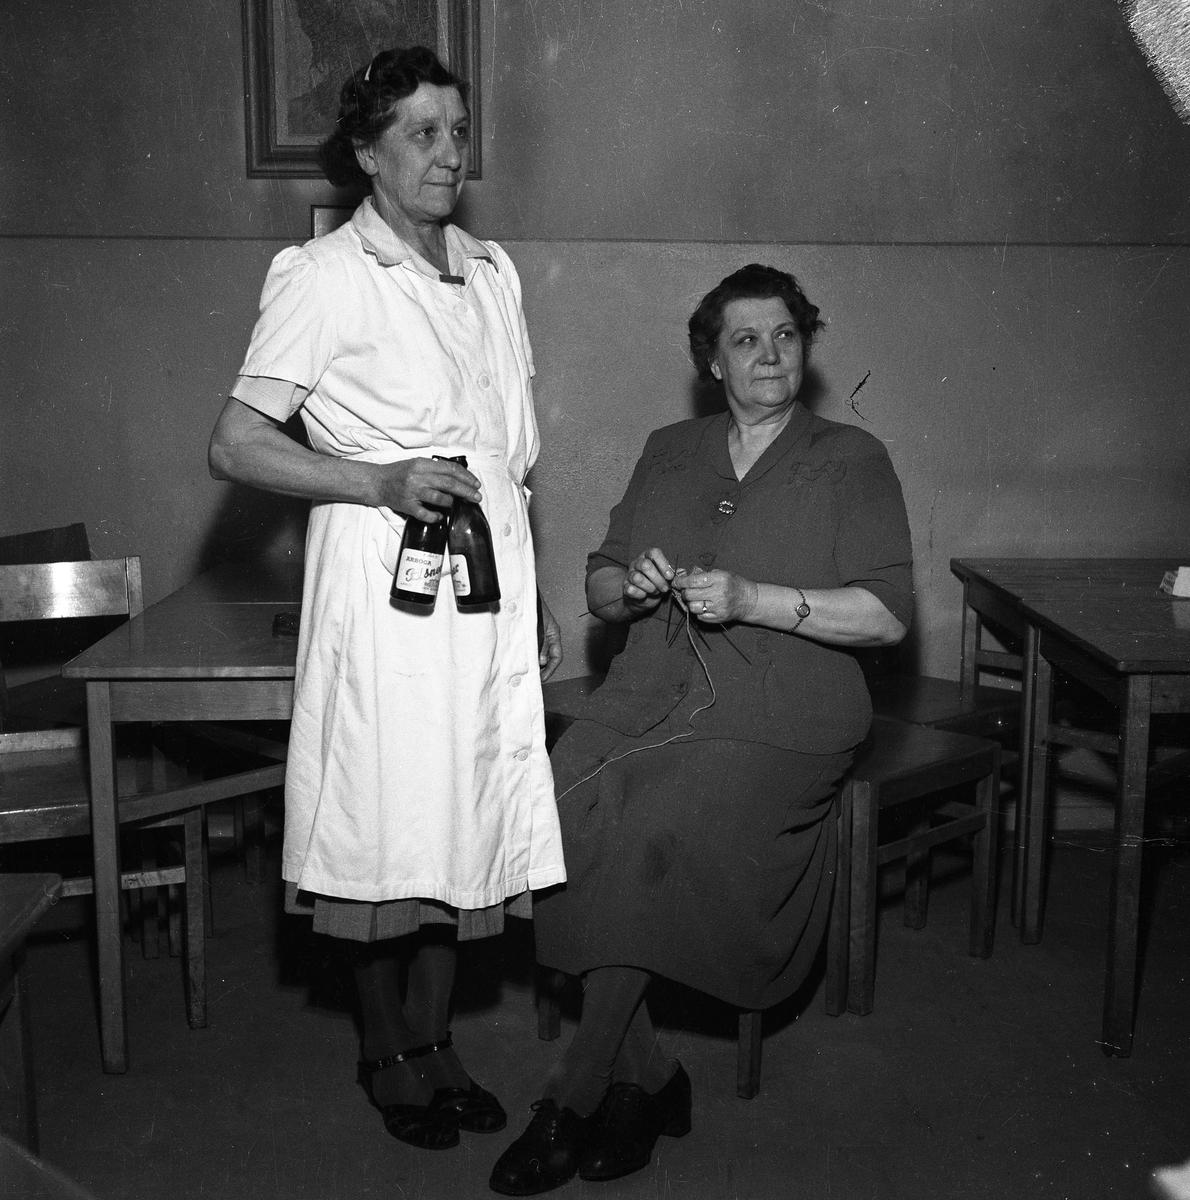 Erika Askroth och Jenny Christiansson på ölhallen på Rådhusbaren. En kvinna med ölflaskor i handen och en kvinna som sitter och stickar.